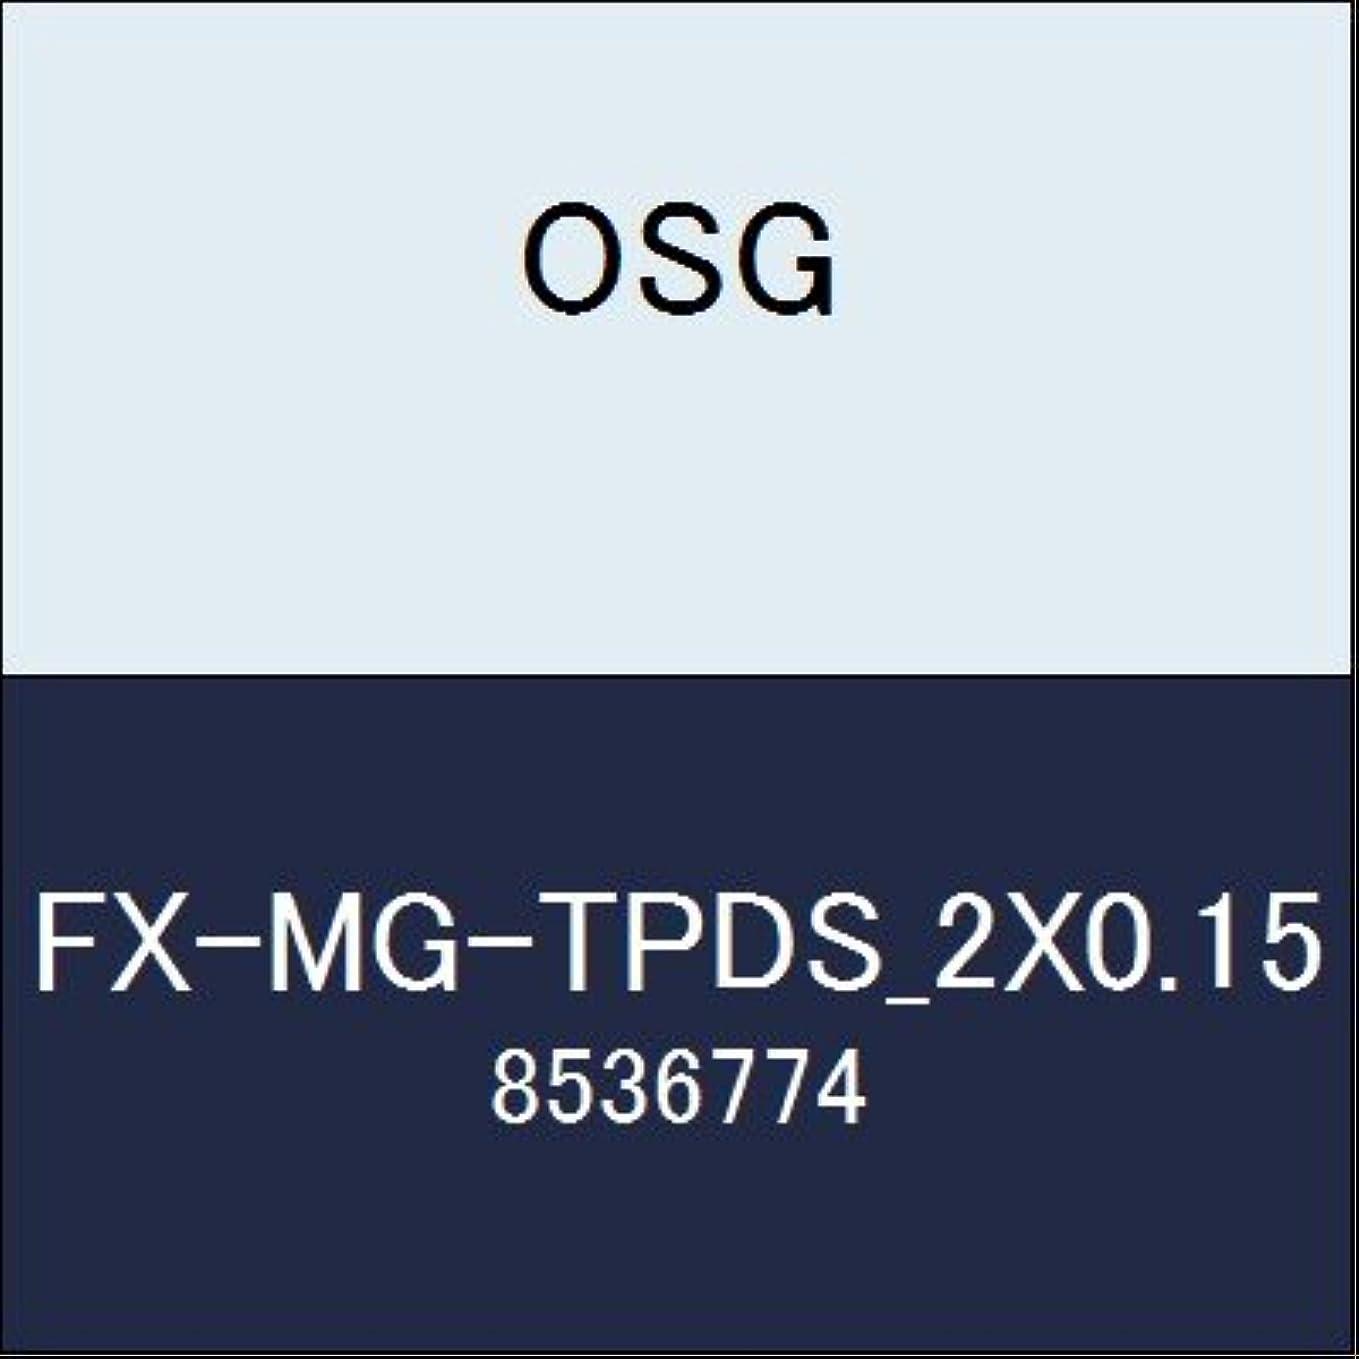 ゆるくコロニーミュートOSG エンドミル FX-MG-TPDS_2X0.15 商品番号 8536774